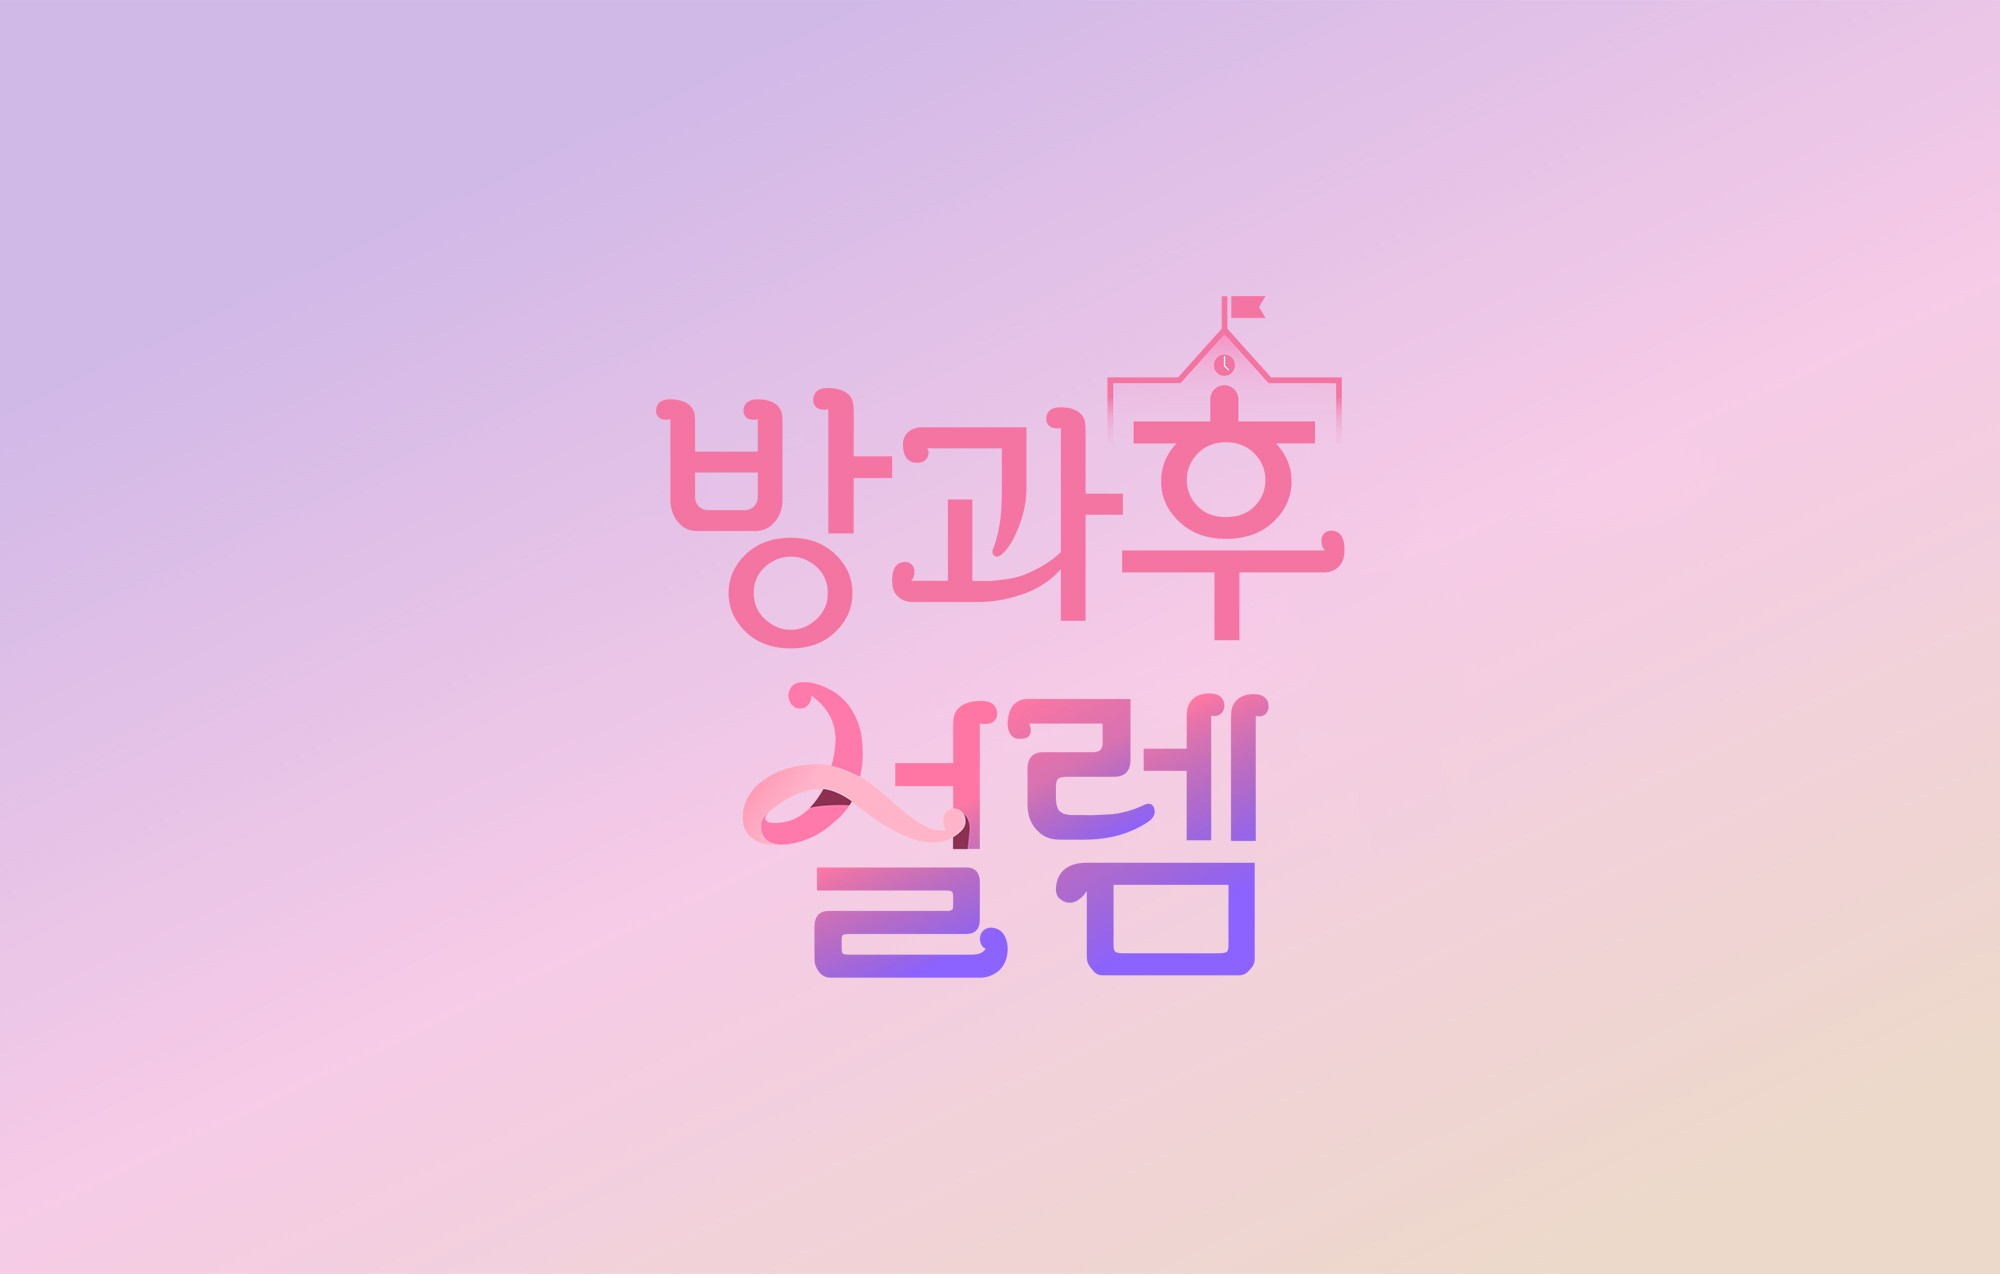 글로벌 걸그룹 오디션 '방과후 설렘' 11월 28일 첫방송 확정